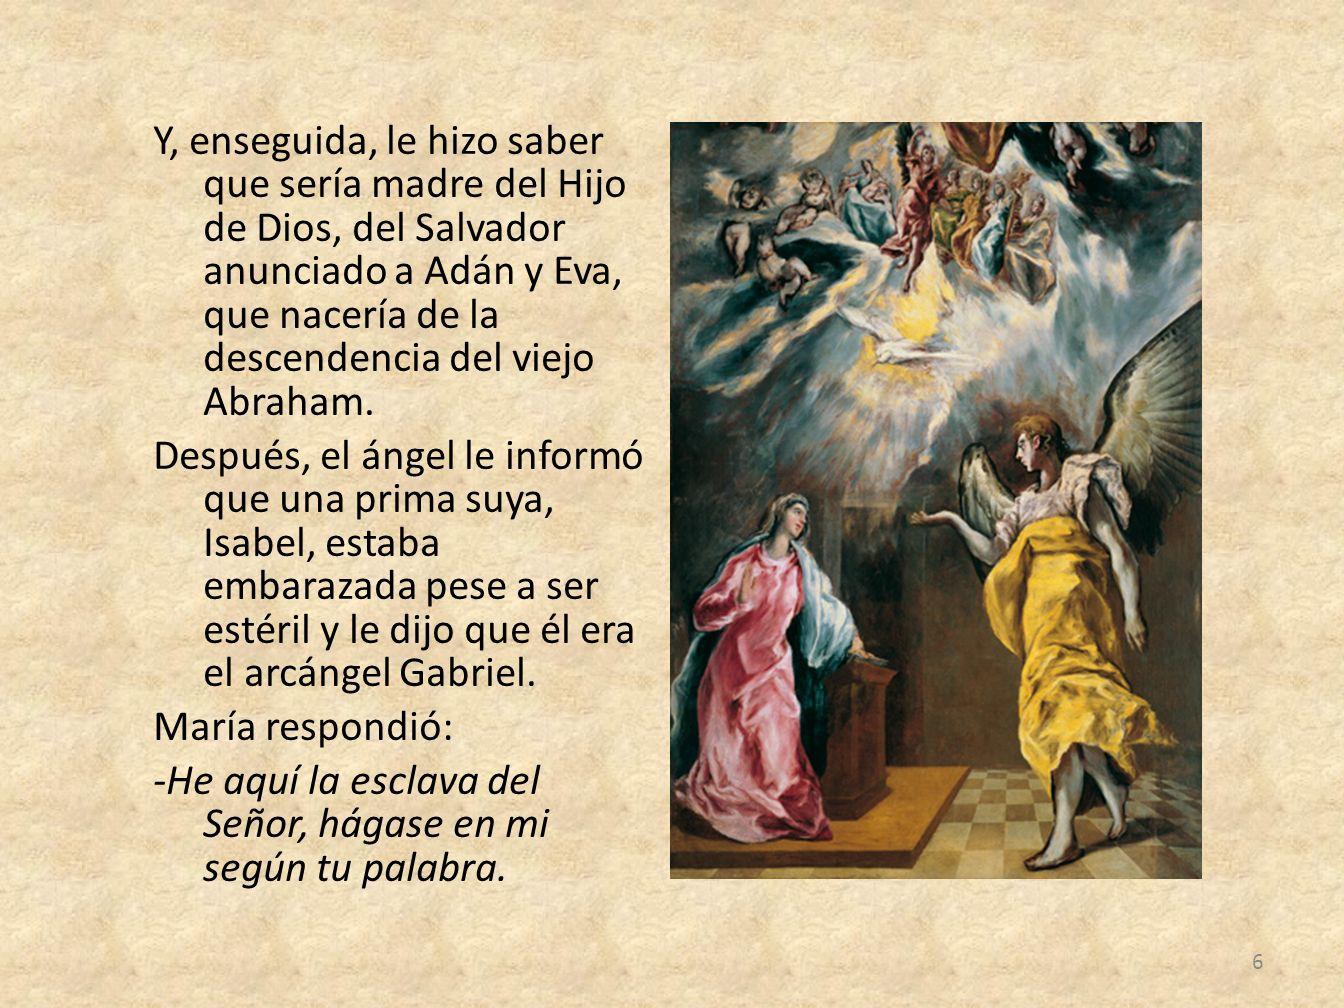 Y, enseguida, le hizo saber que sería madre del Hijo de Dios, del Salvador anunciado a Adán y Eva, que nacería de la descendencia del viejo Abraham. D